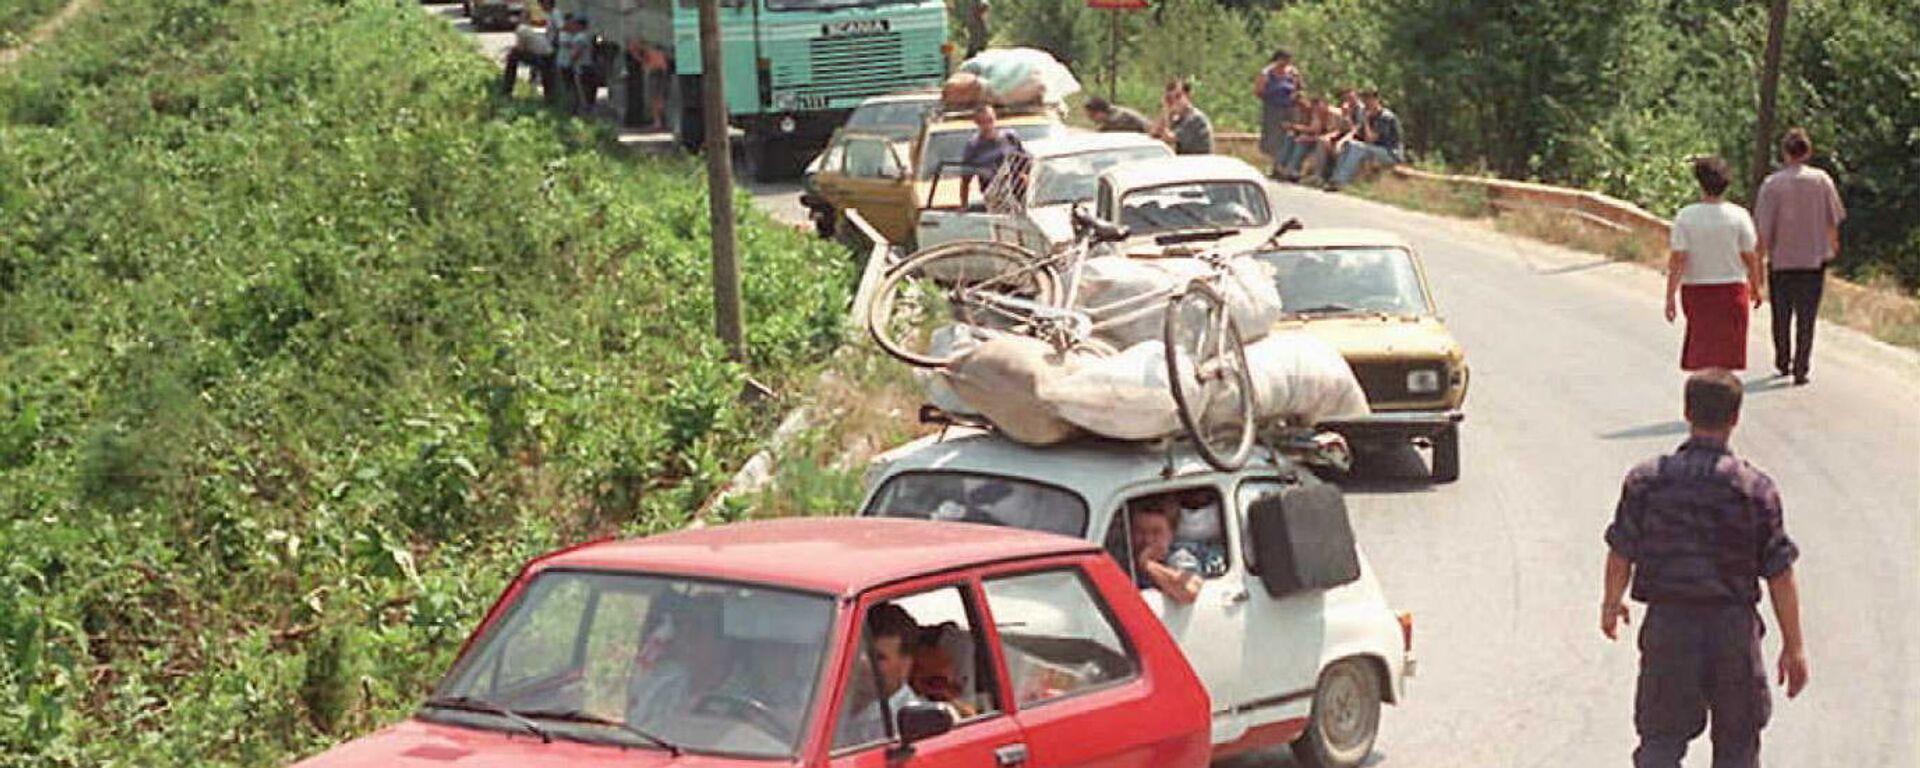 Избеглице напуштају Хрватску 1995. године  - Sputnik Србија, 1920, 04.08.2021